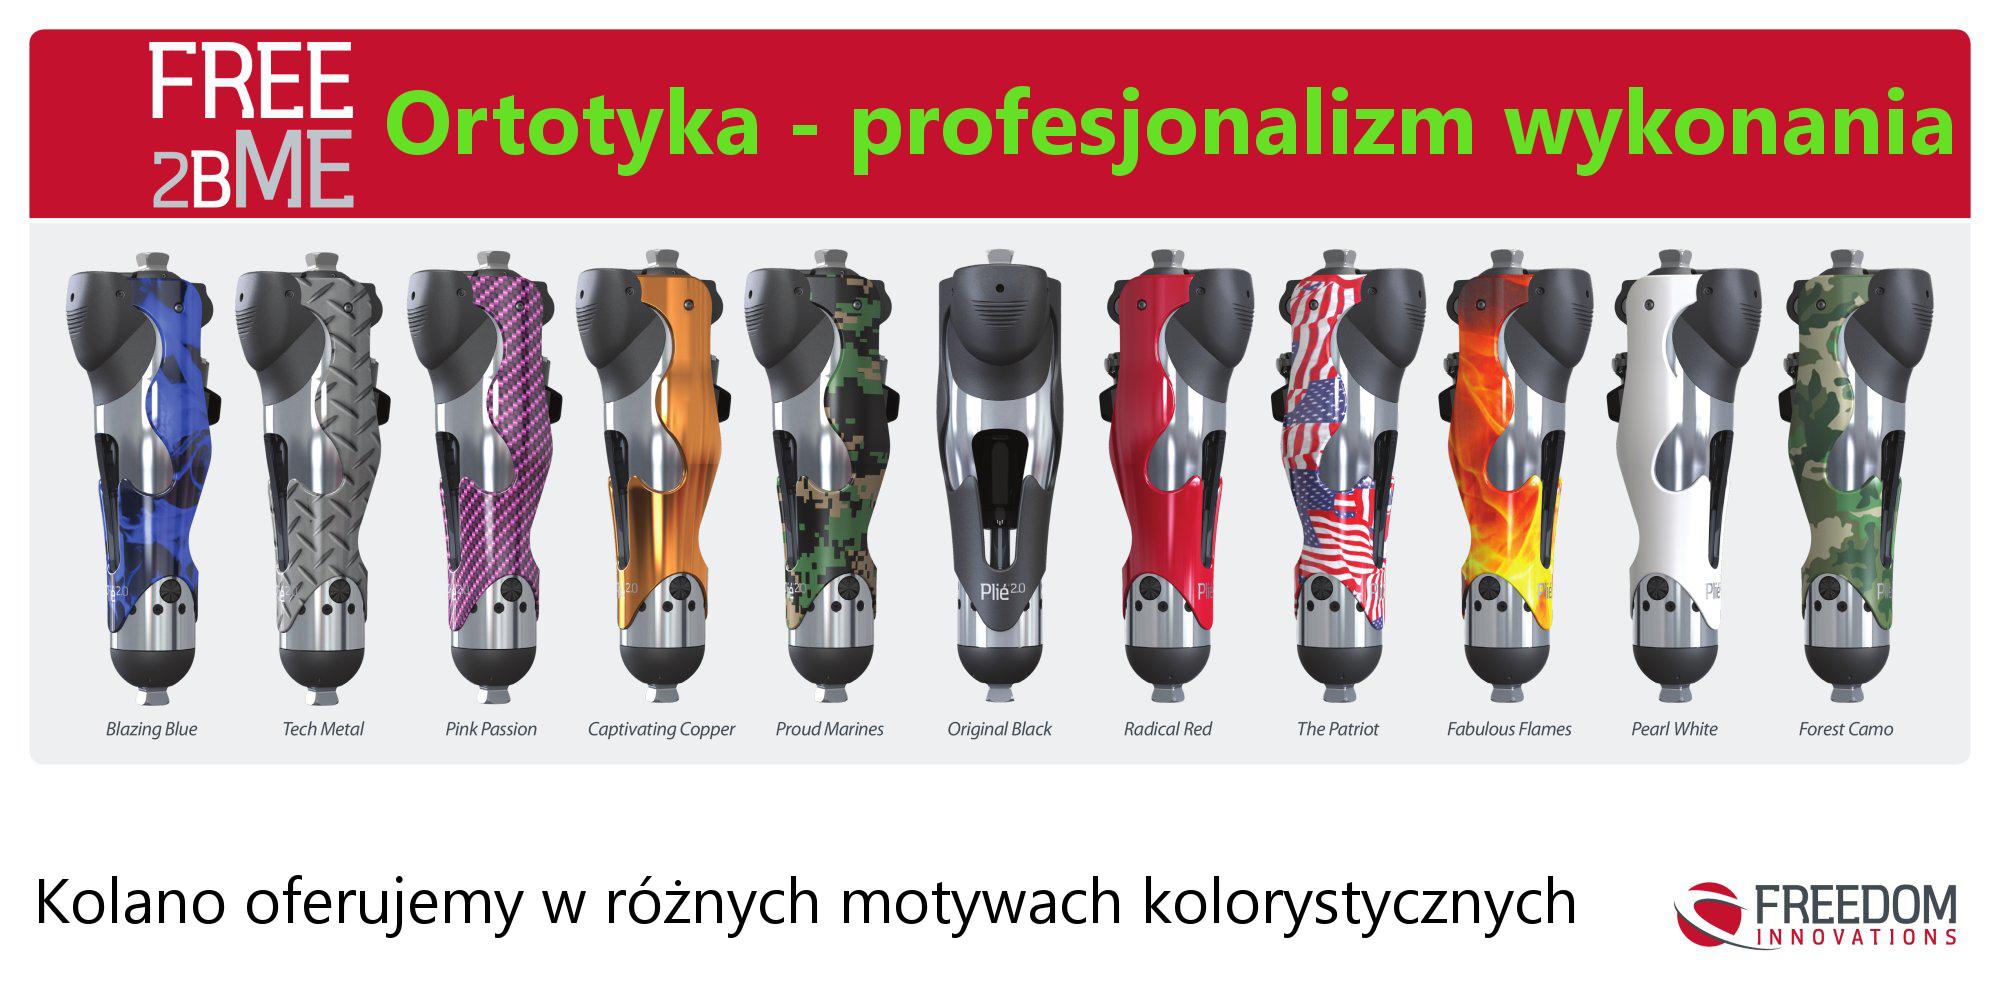 amputacja_procesor_Plie_2.0_grójec_3.0_staw_elektroniczny_wigo_warszawa_kolano_protezowe_przegub_proteza_uda_nogi_protezownia_protetyk_lublin_konstancin — kopia.jpg